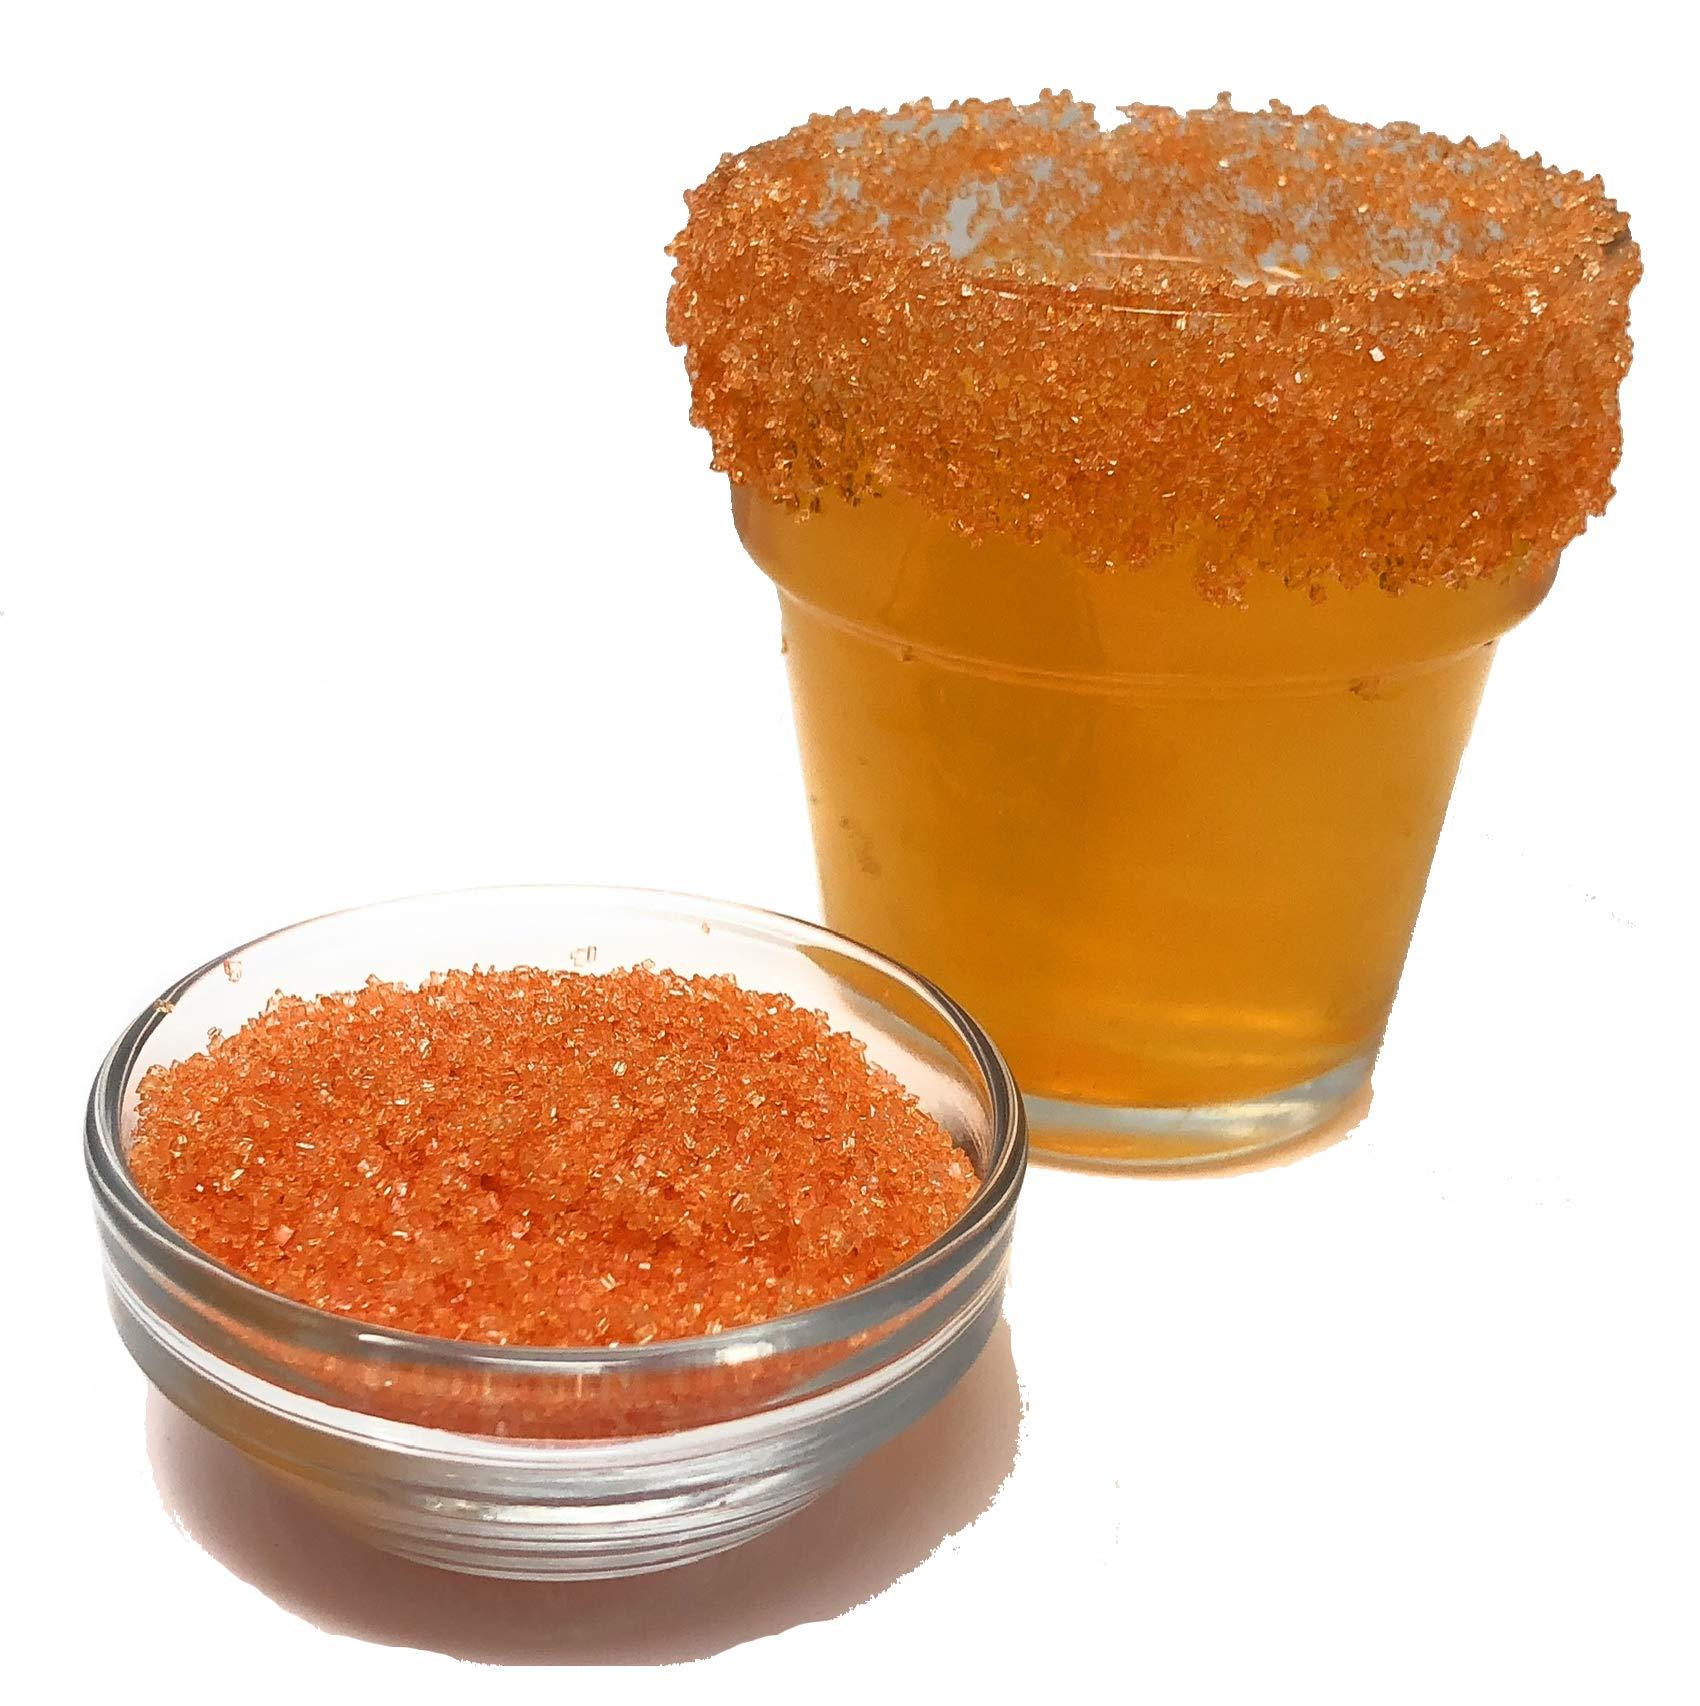 Snowy River Orange Cocktail Rimmer - Kosher Certified Natural Orange Colored Cocktail Sugar (5lb)